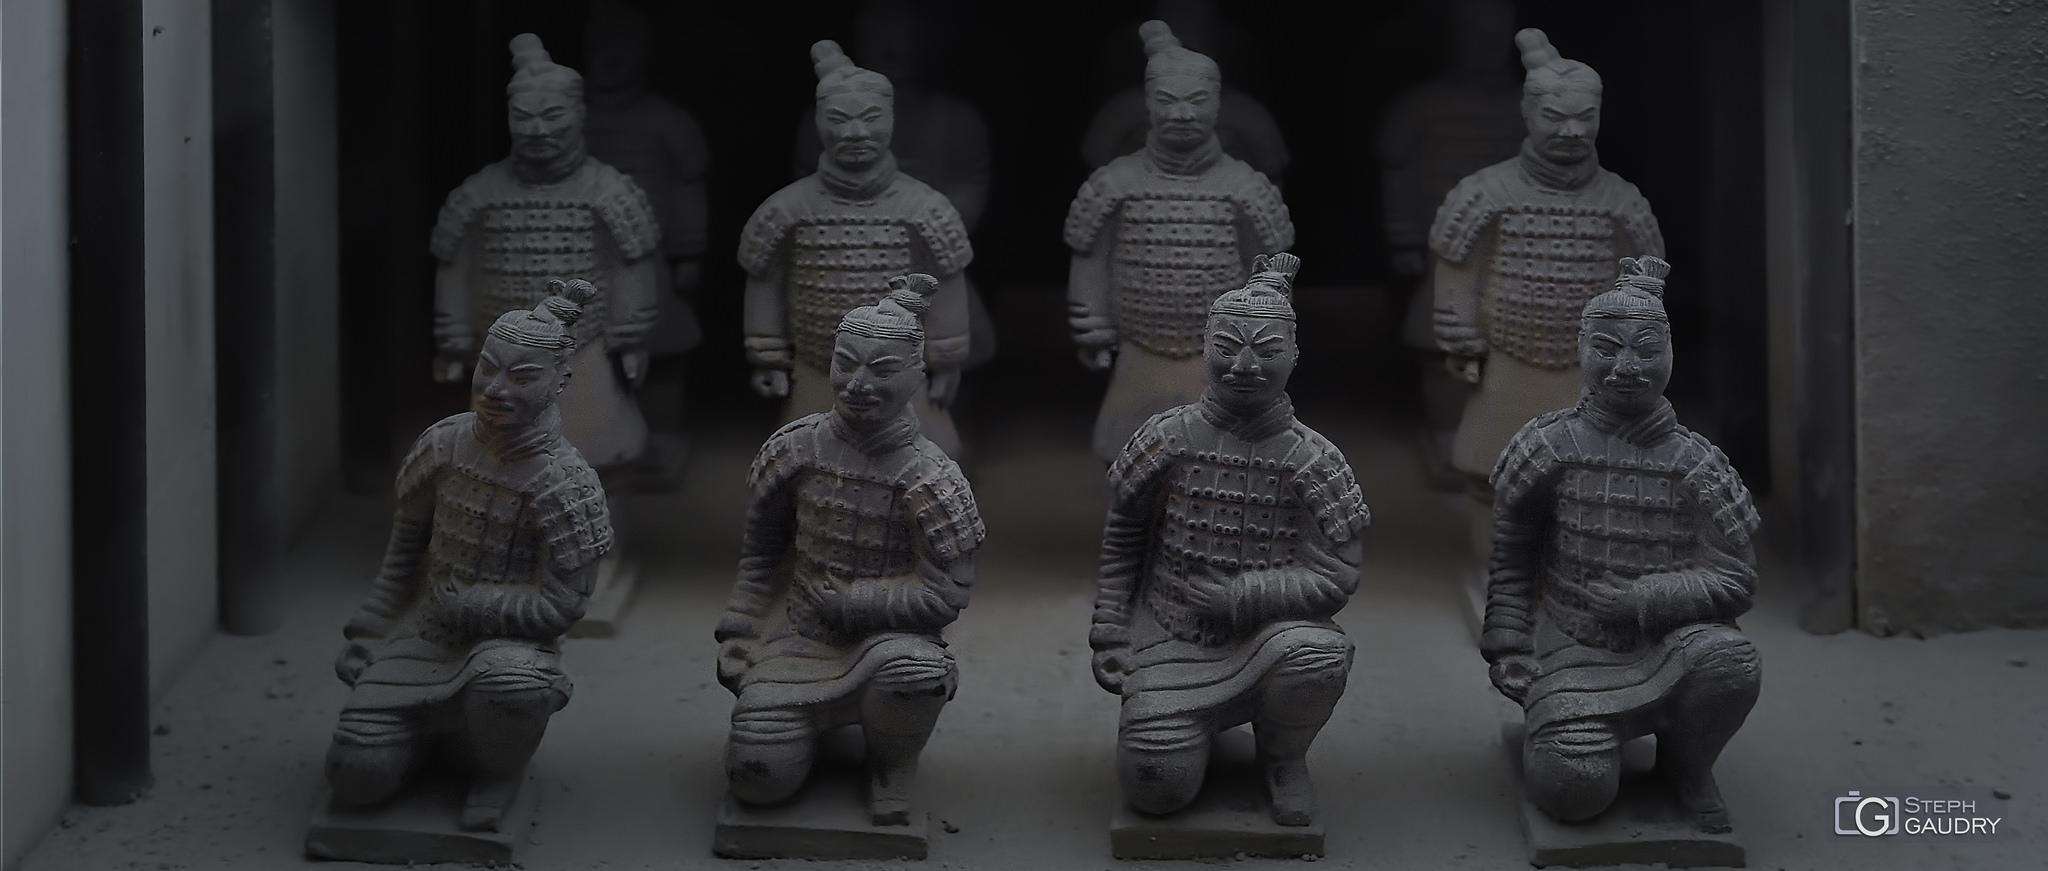 Terracotta Army [Cliquez pour lancer le diaporama]